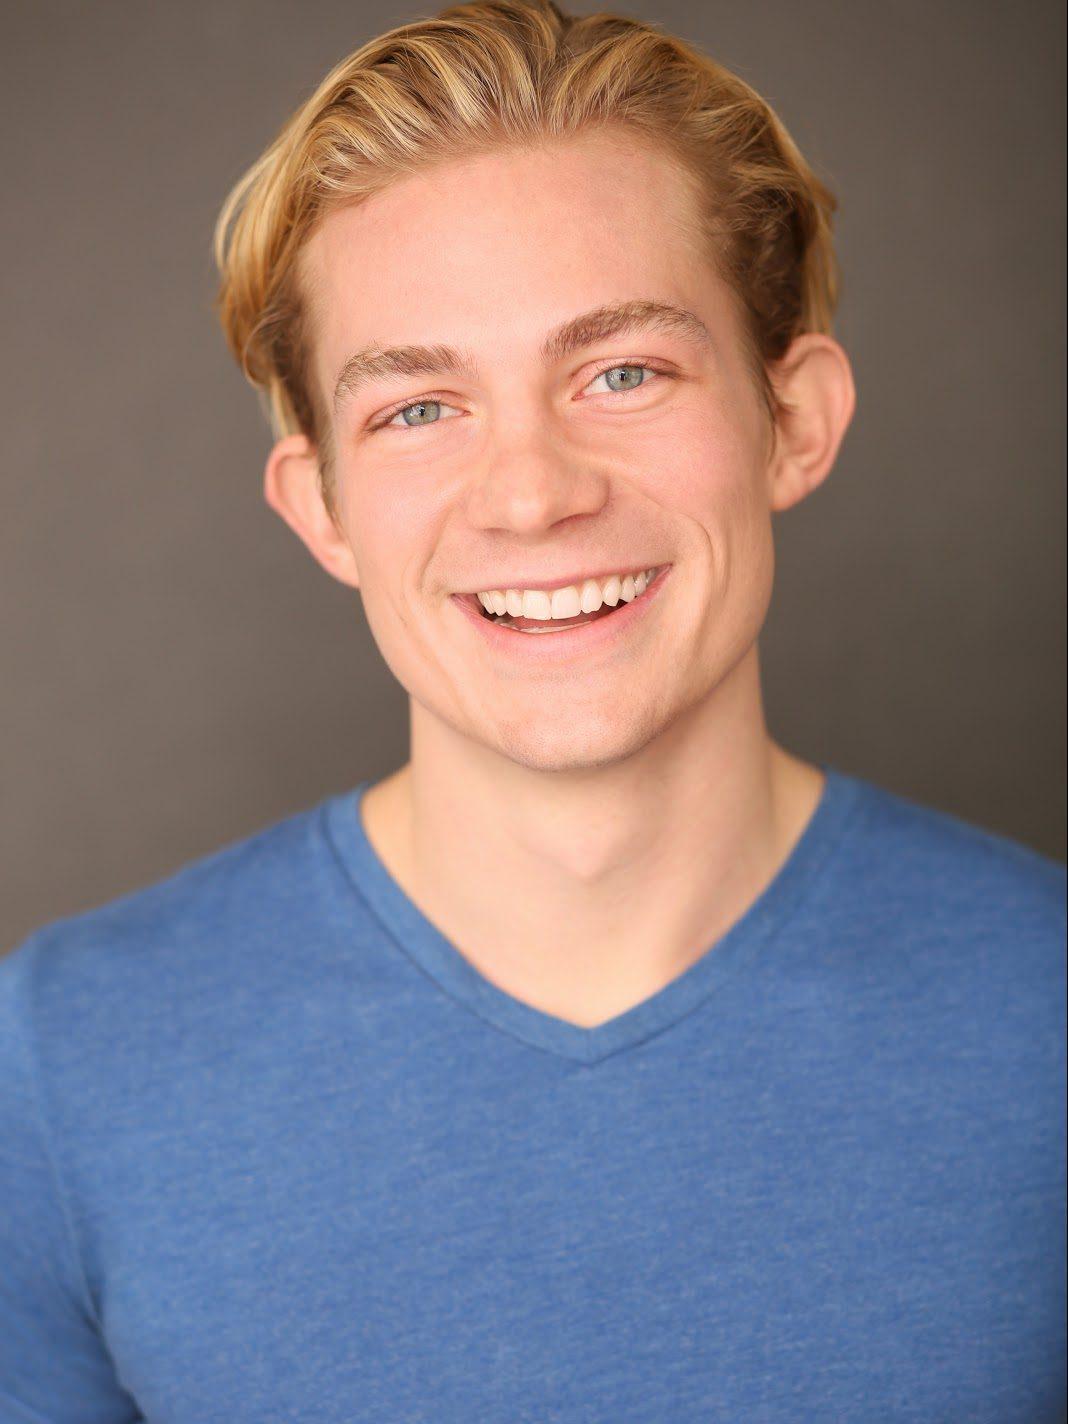 Zach Fifer